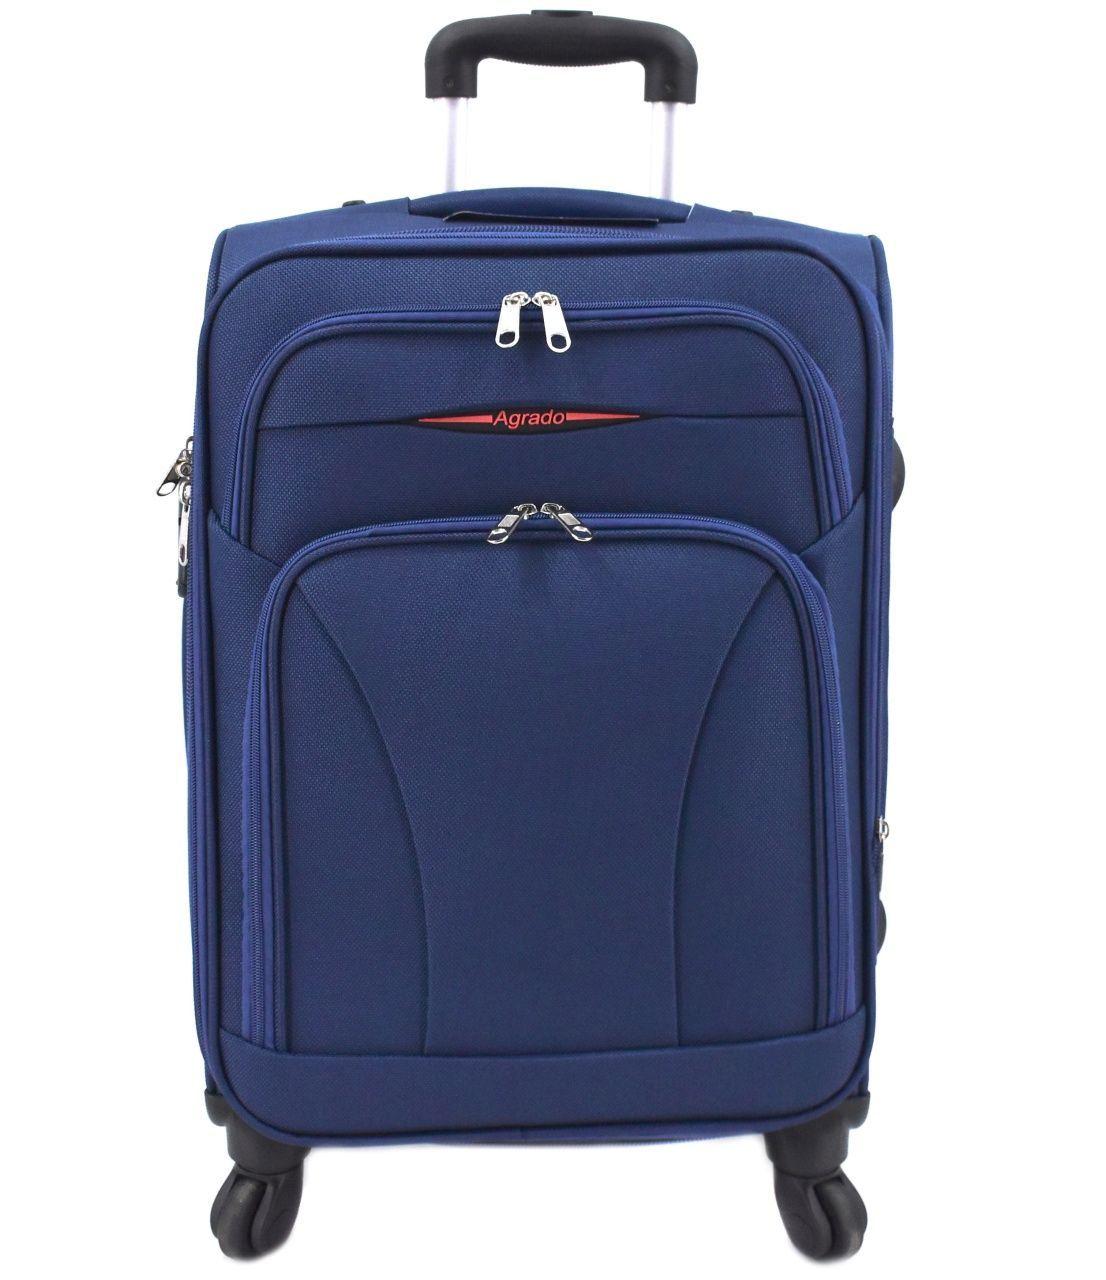 Cestovní textilní kufr na čtyřech kolečkách Agrado (M) 80l - tmavě modrá 8021 (M)